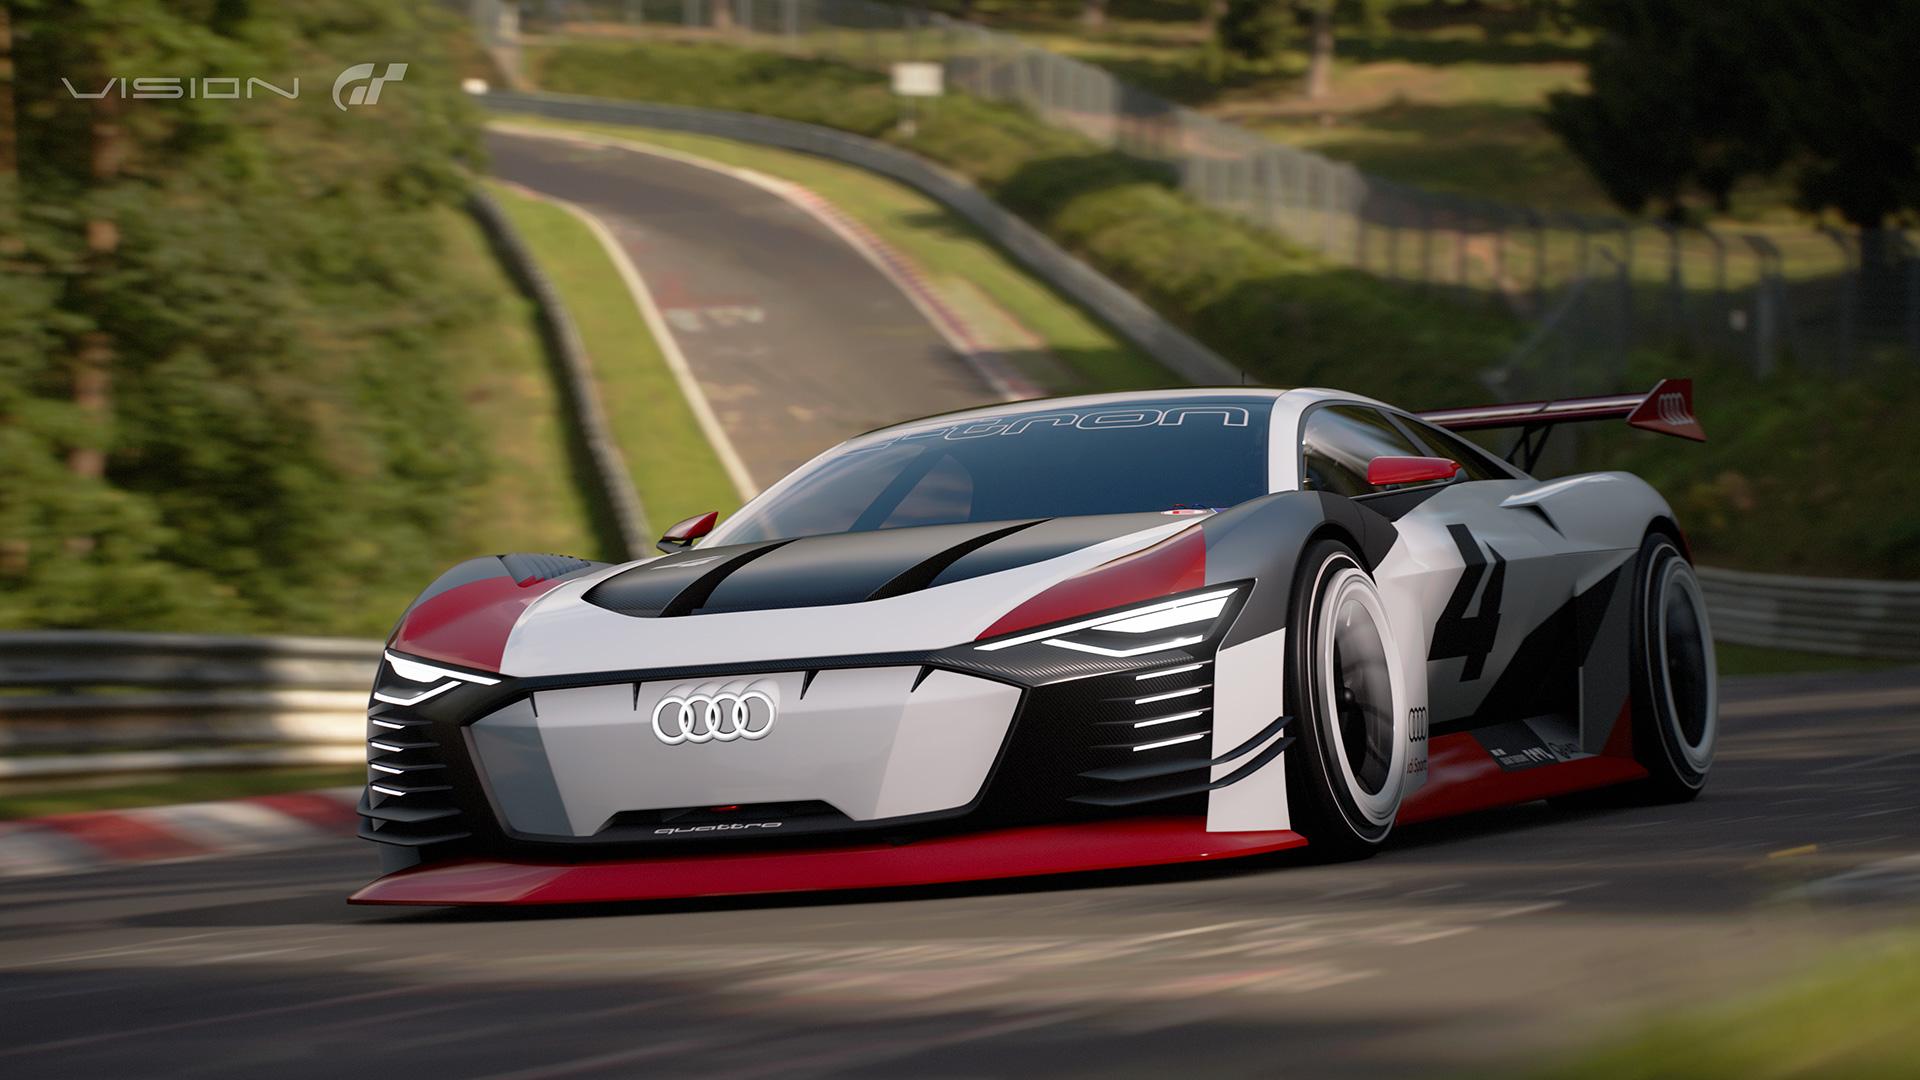 Audi unveils all-electric e-tron Vision Gran Turismo track car concept